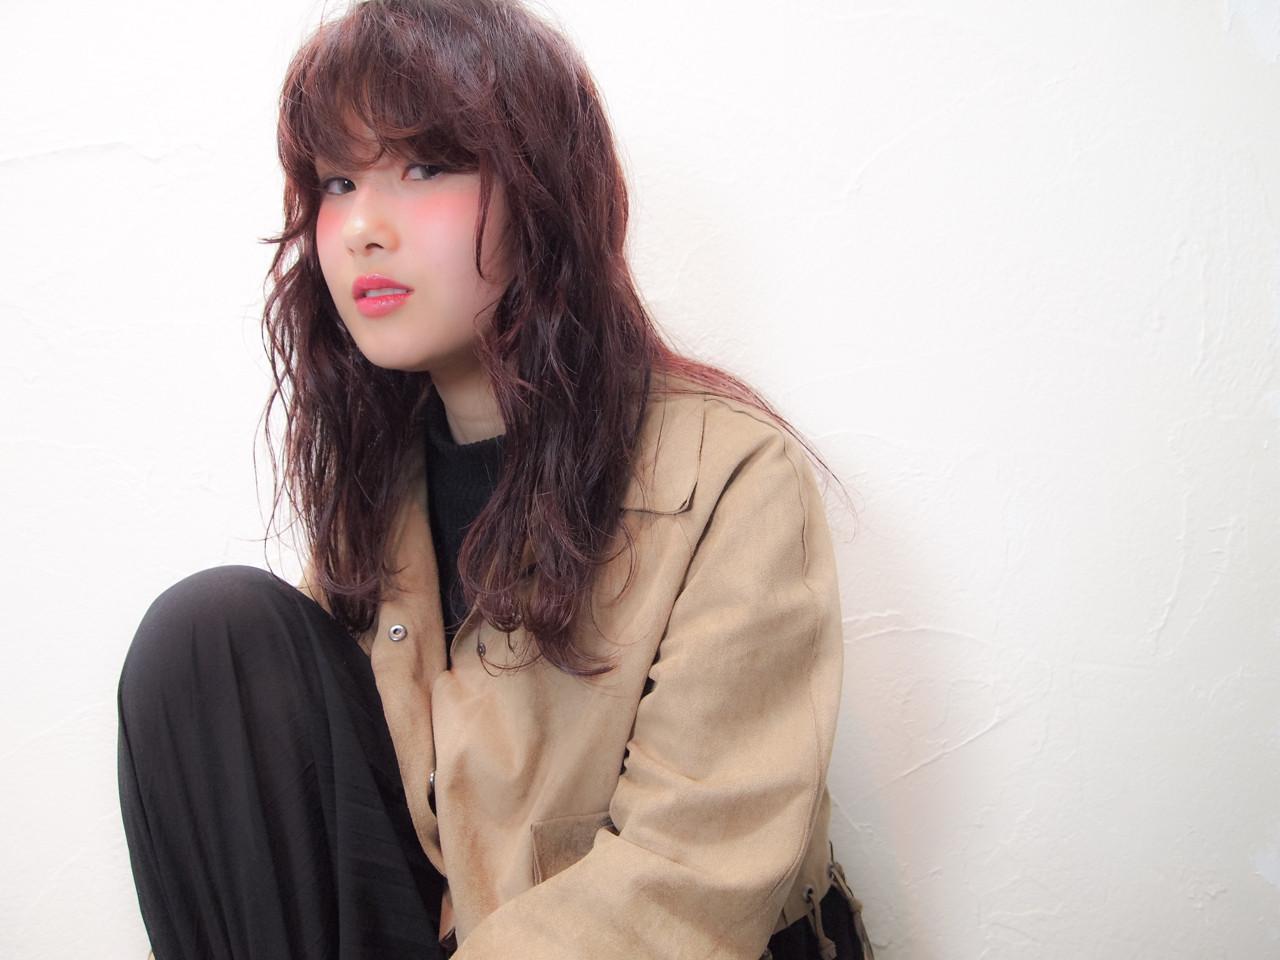 ボルドー ピンク レッド ストリート ヘアスタイルや髪型の写真・画像 | 佐藤 裕香 / hair salon Loye